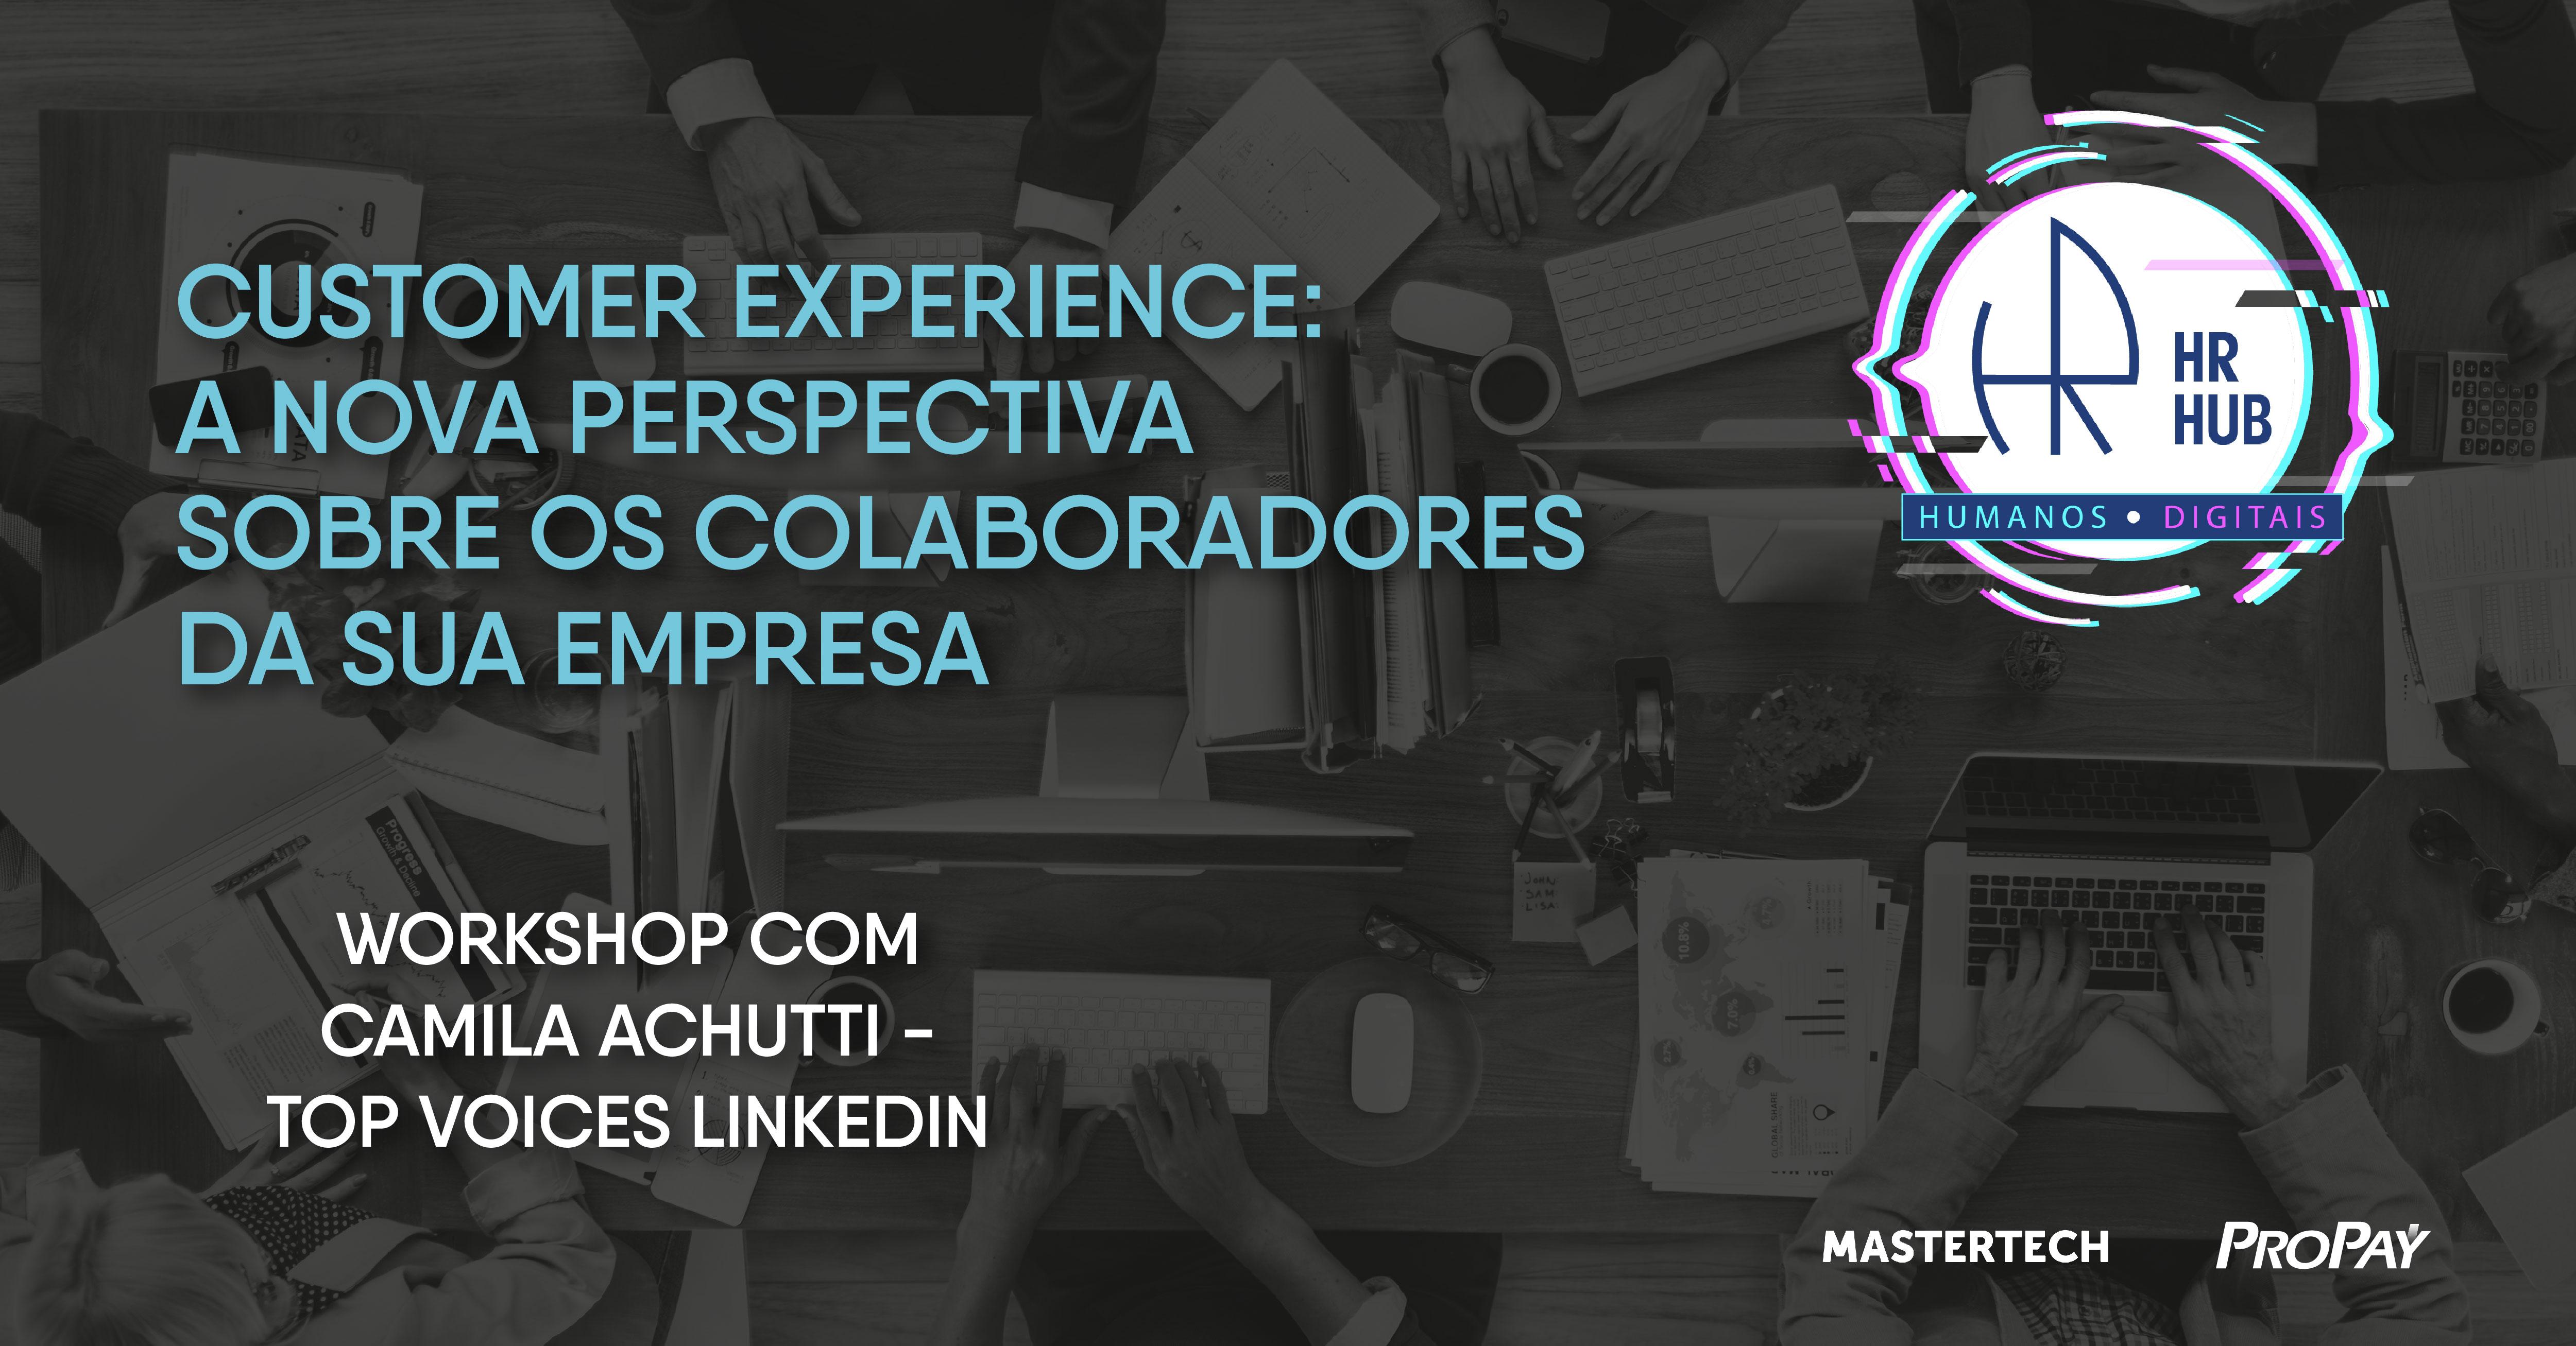 Customer Experience: oferecer boas experiências aos clientes